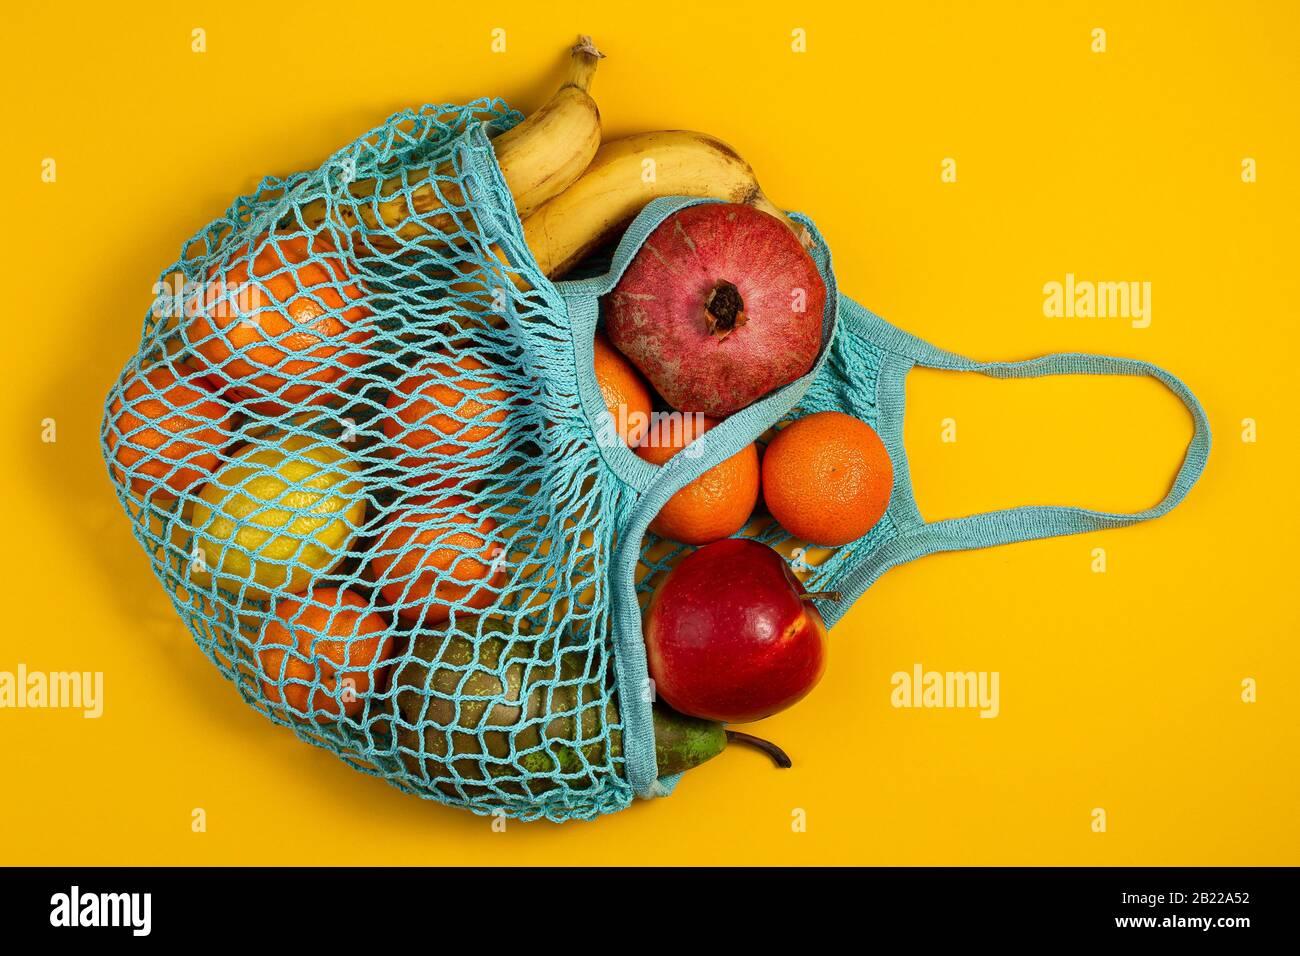 Concepto sin residuos de plástico. Fruta fresca en una bolsa de malla, vista superior con copyspace. Bolsa de compras de malla con frutas. Estilo de vida sostenible Foto de stock